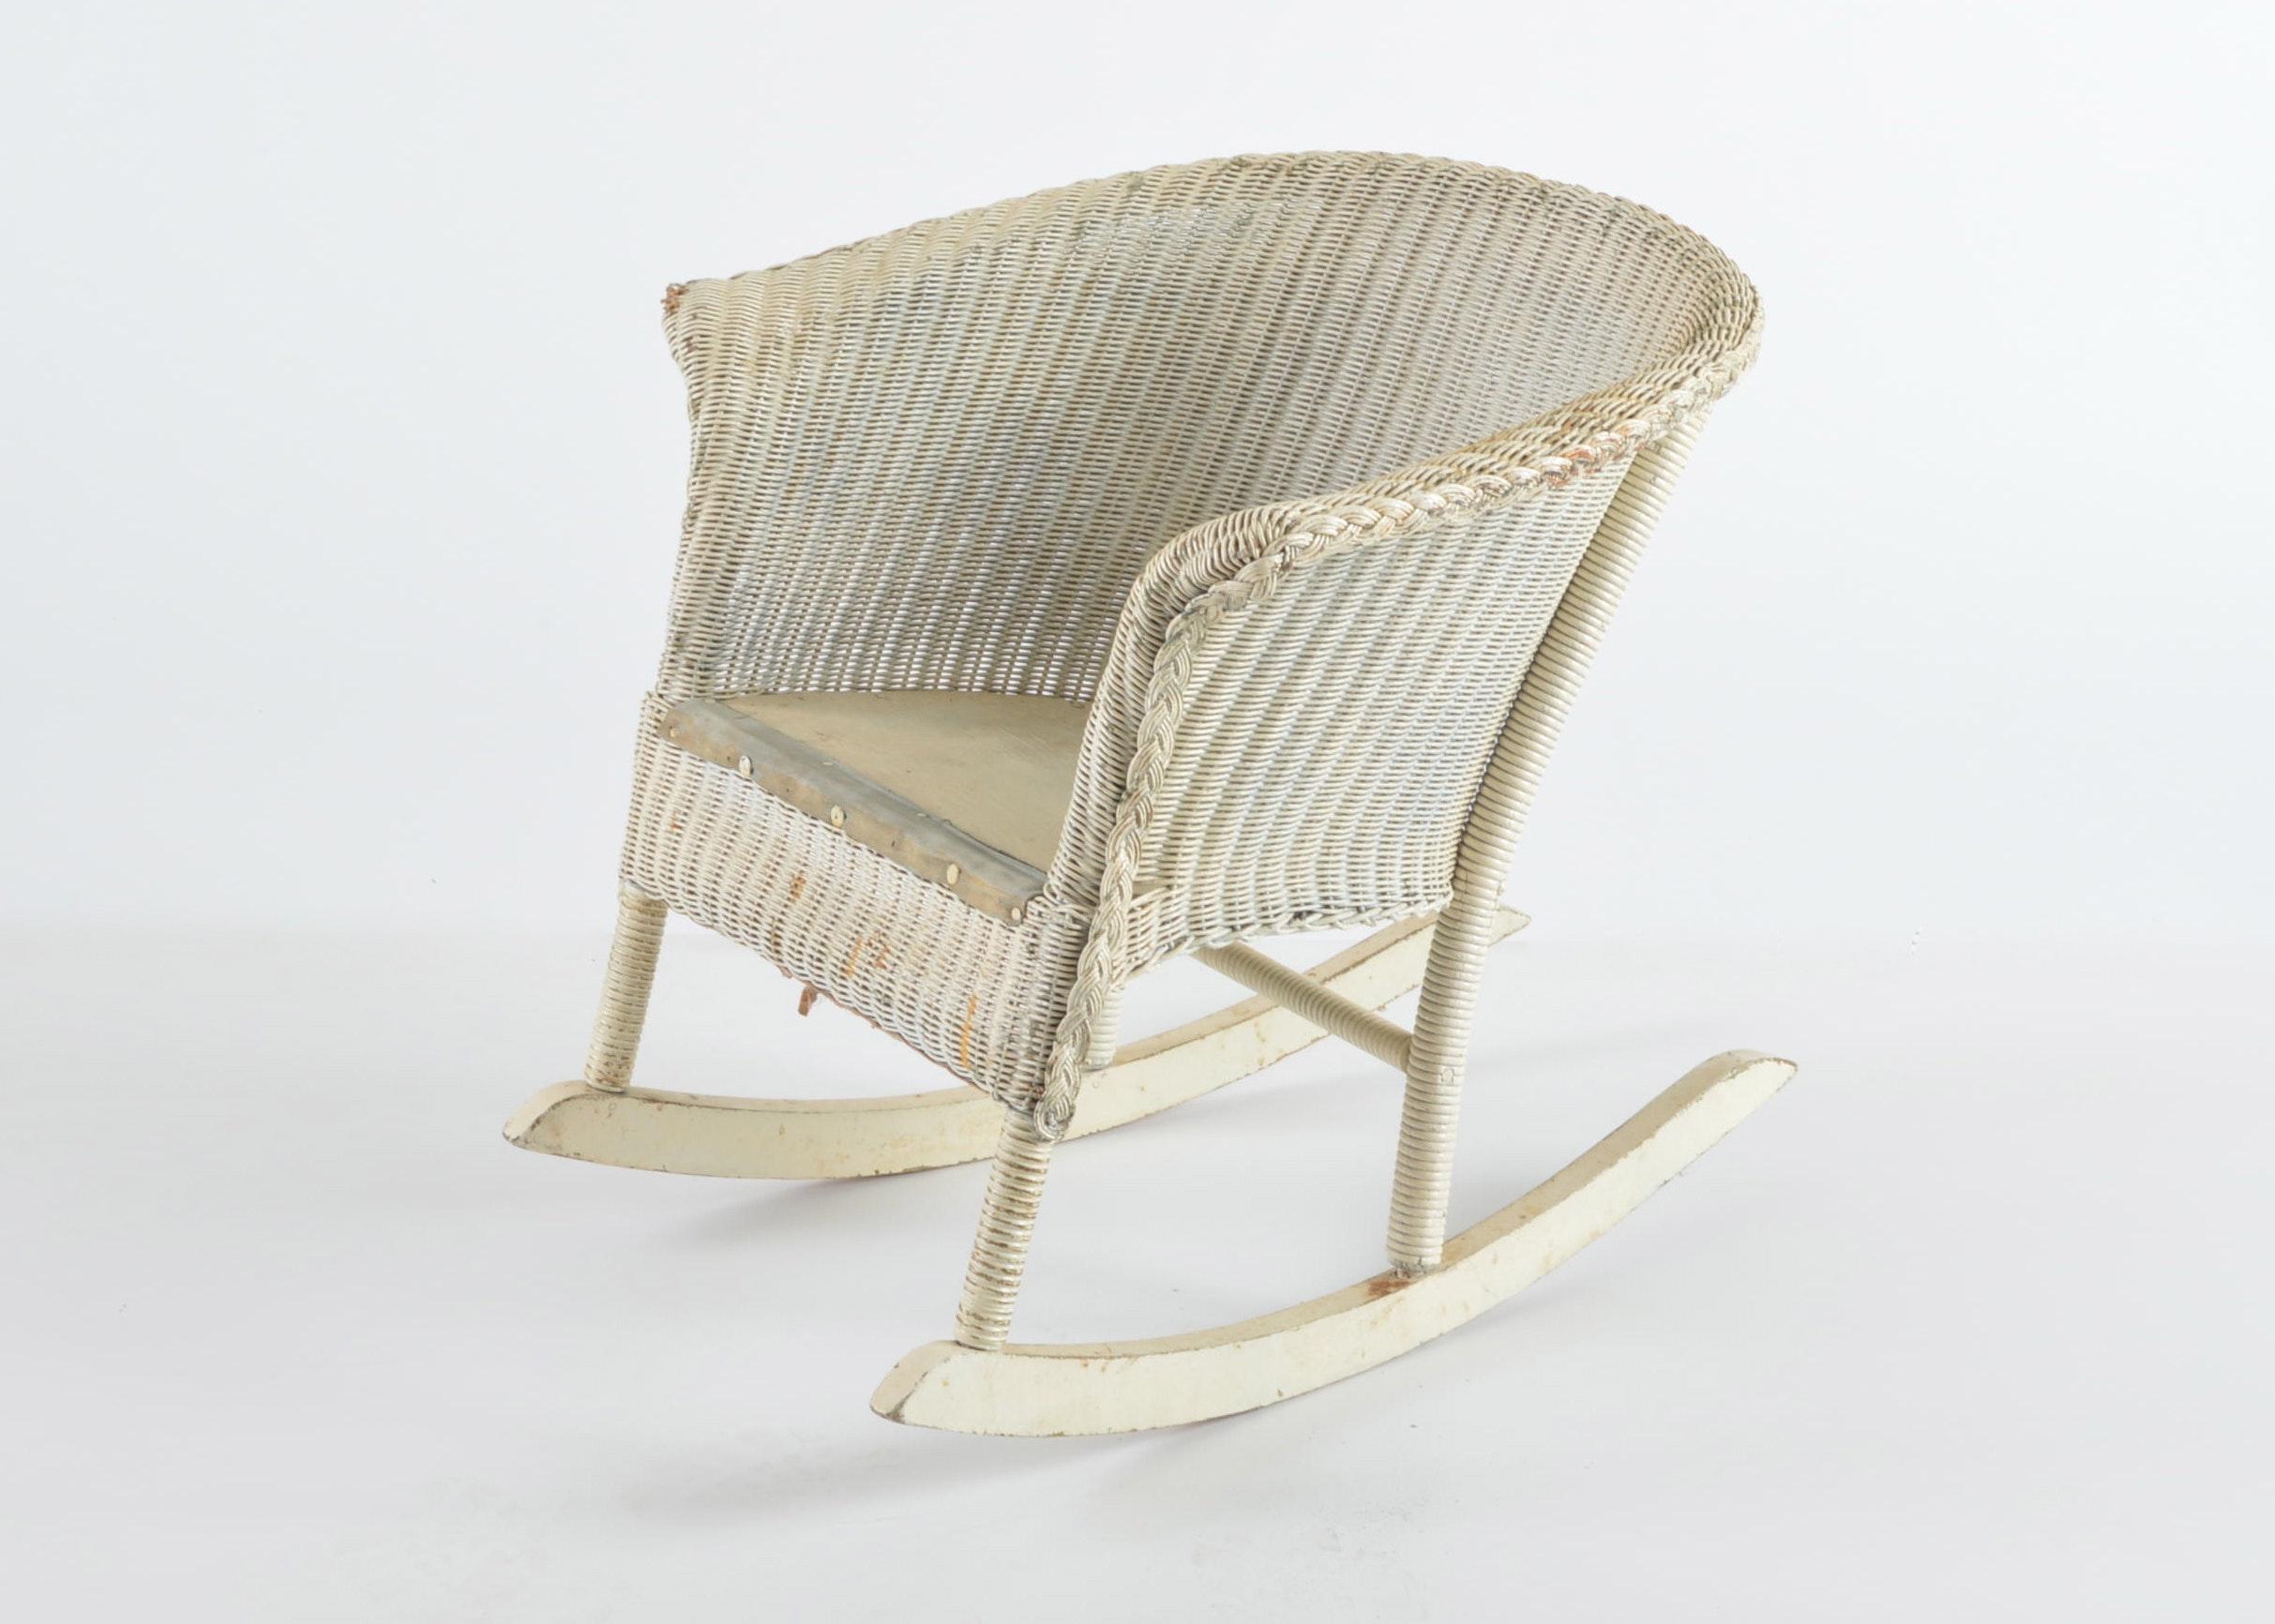 vintage childu0027s wicker rocking chair